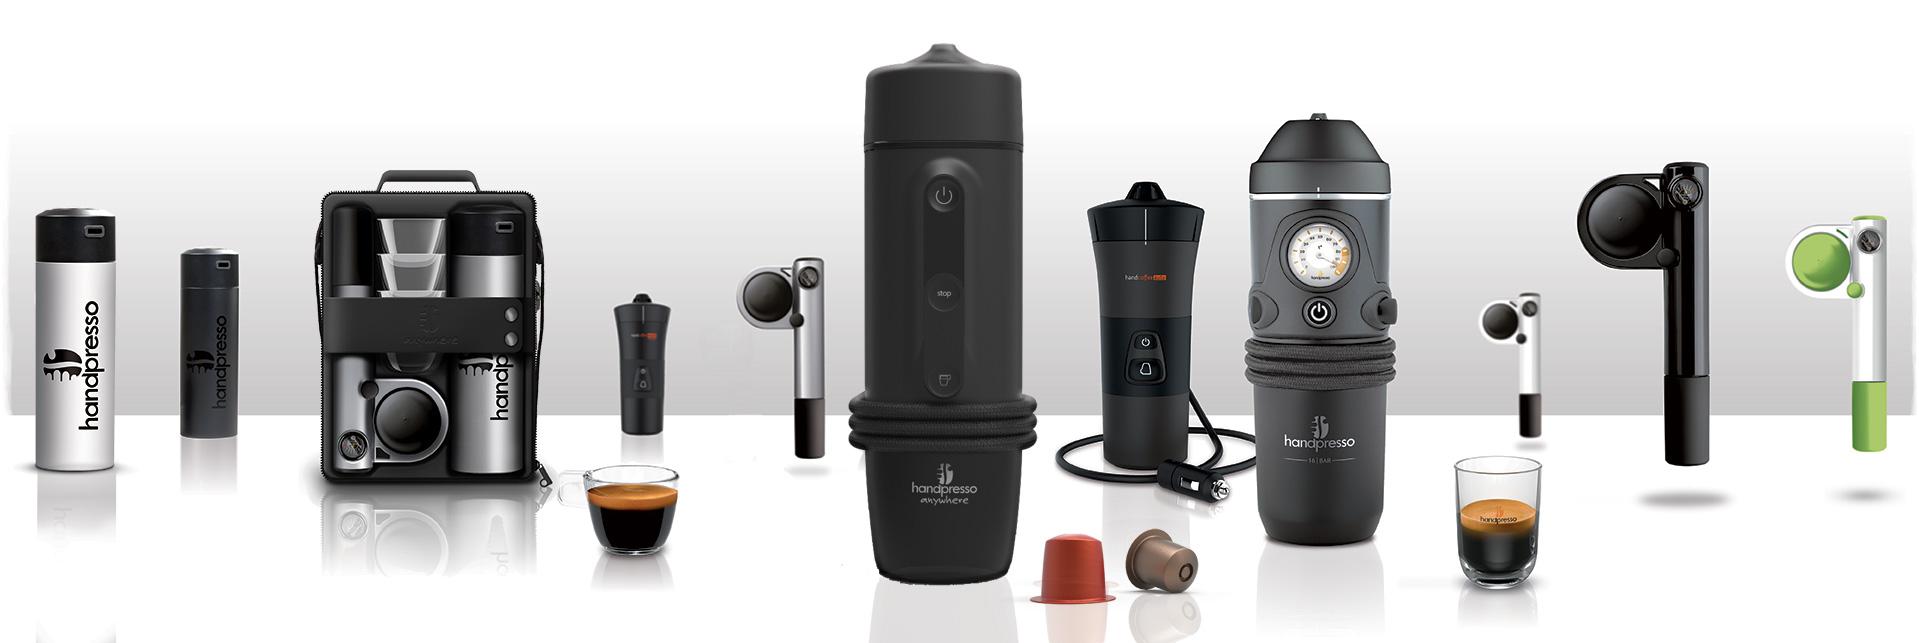 портативные кофеварки